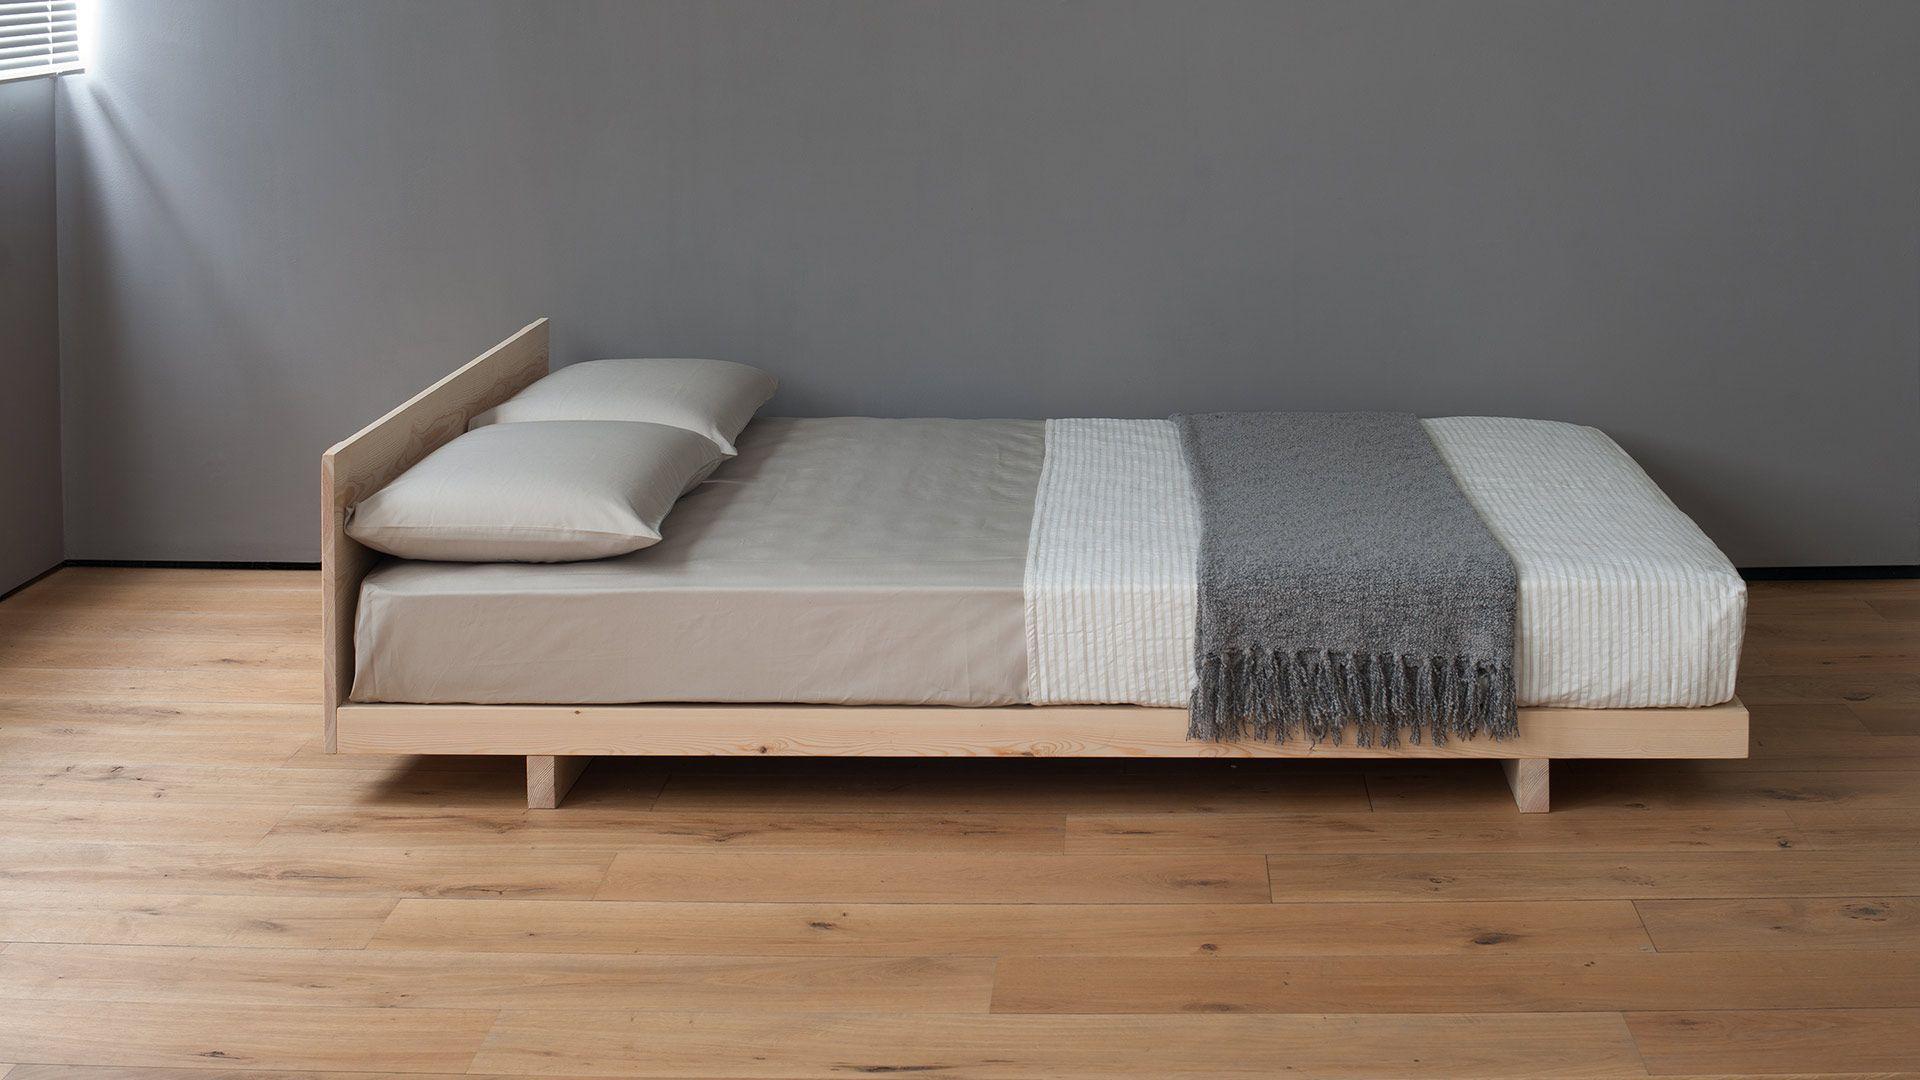 Volle Plattform Bett Weiß Kopfteil bett, Japanisches